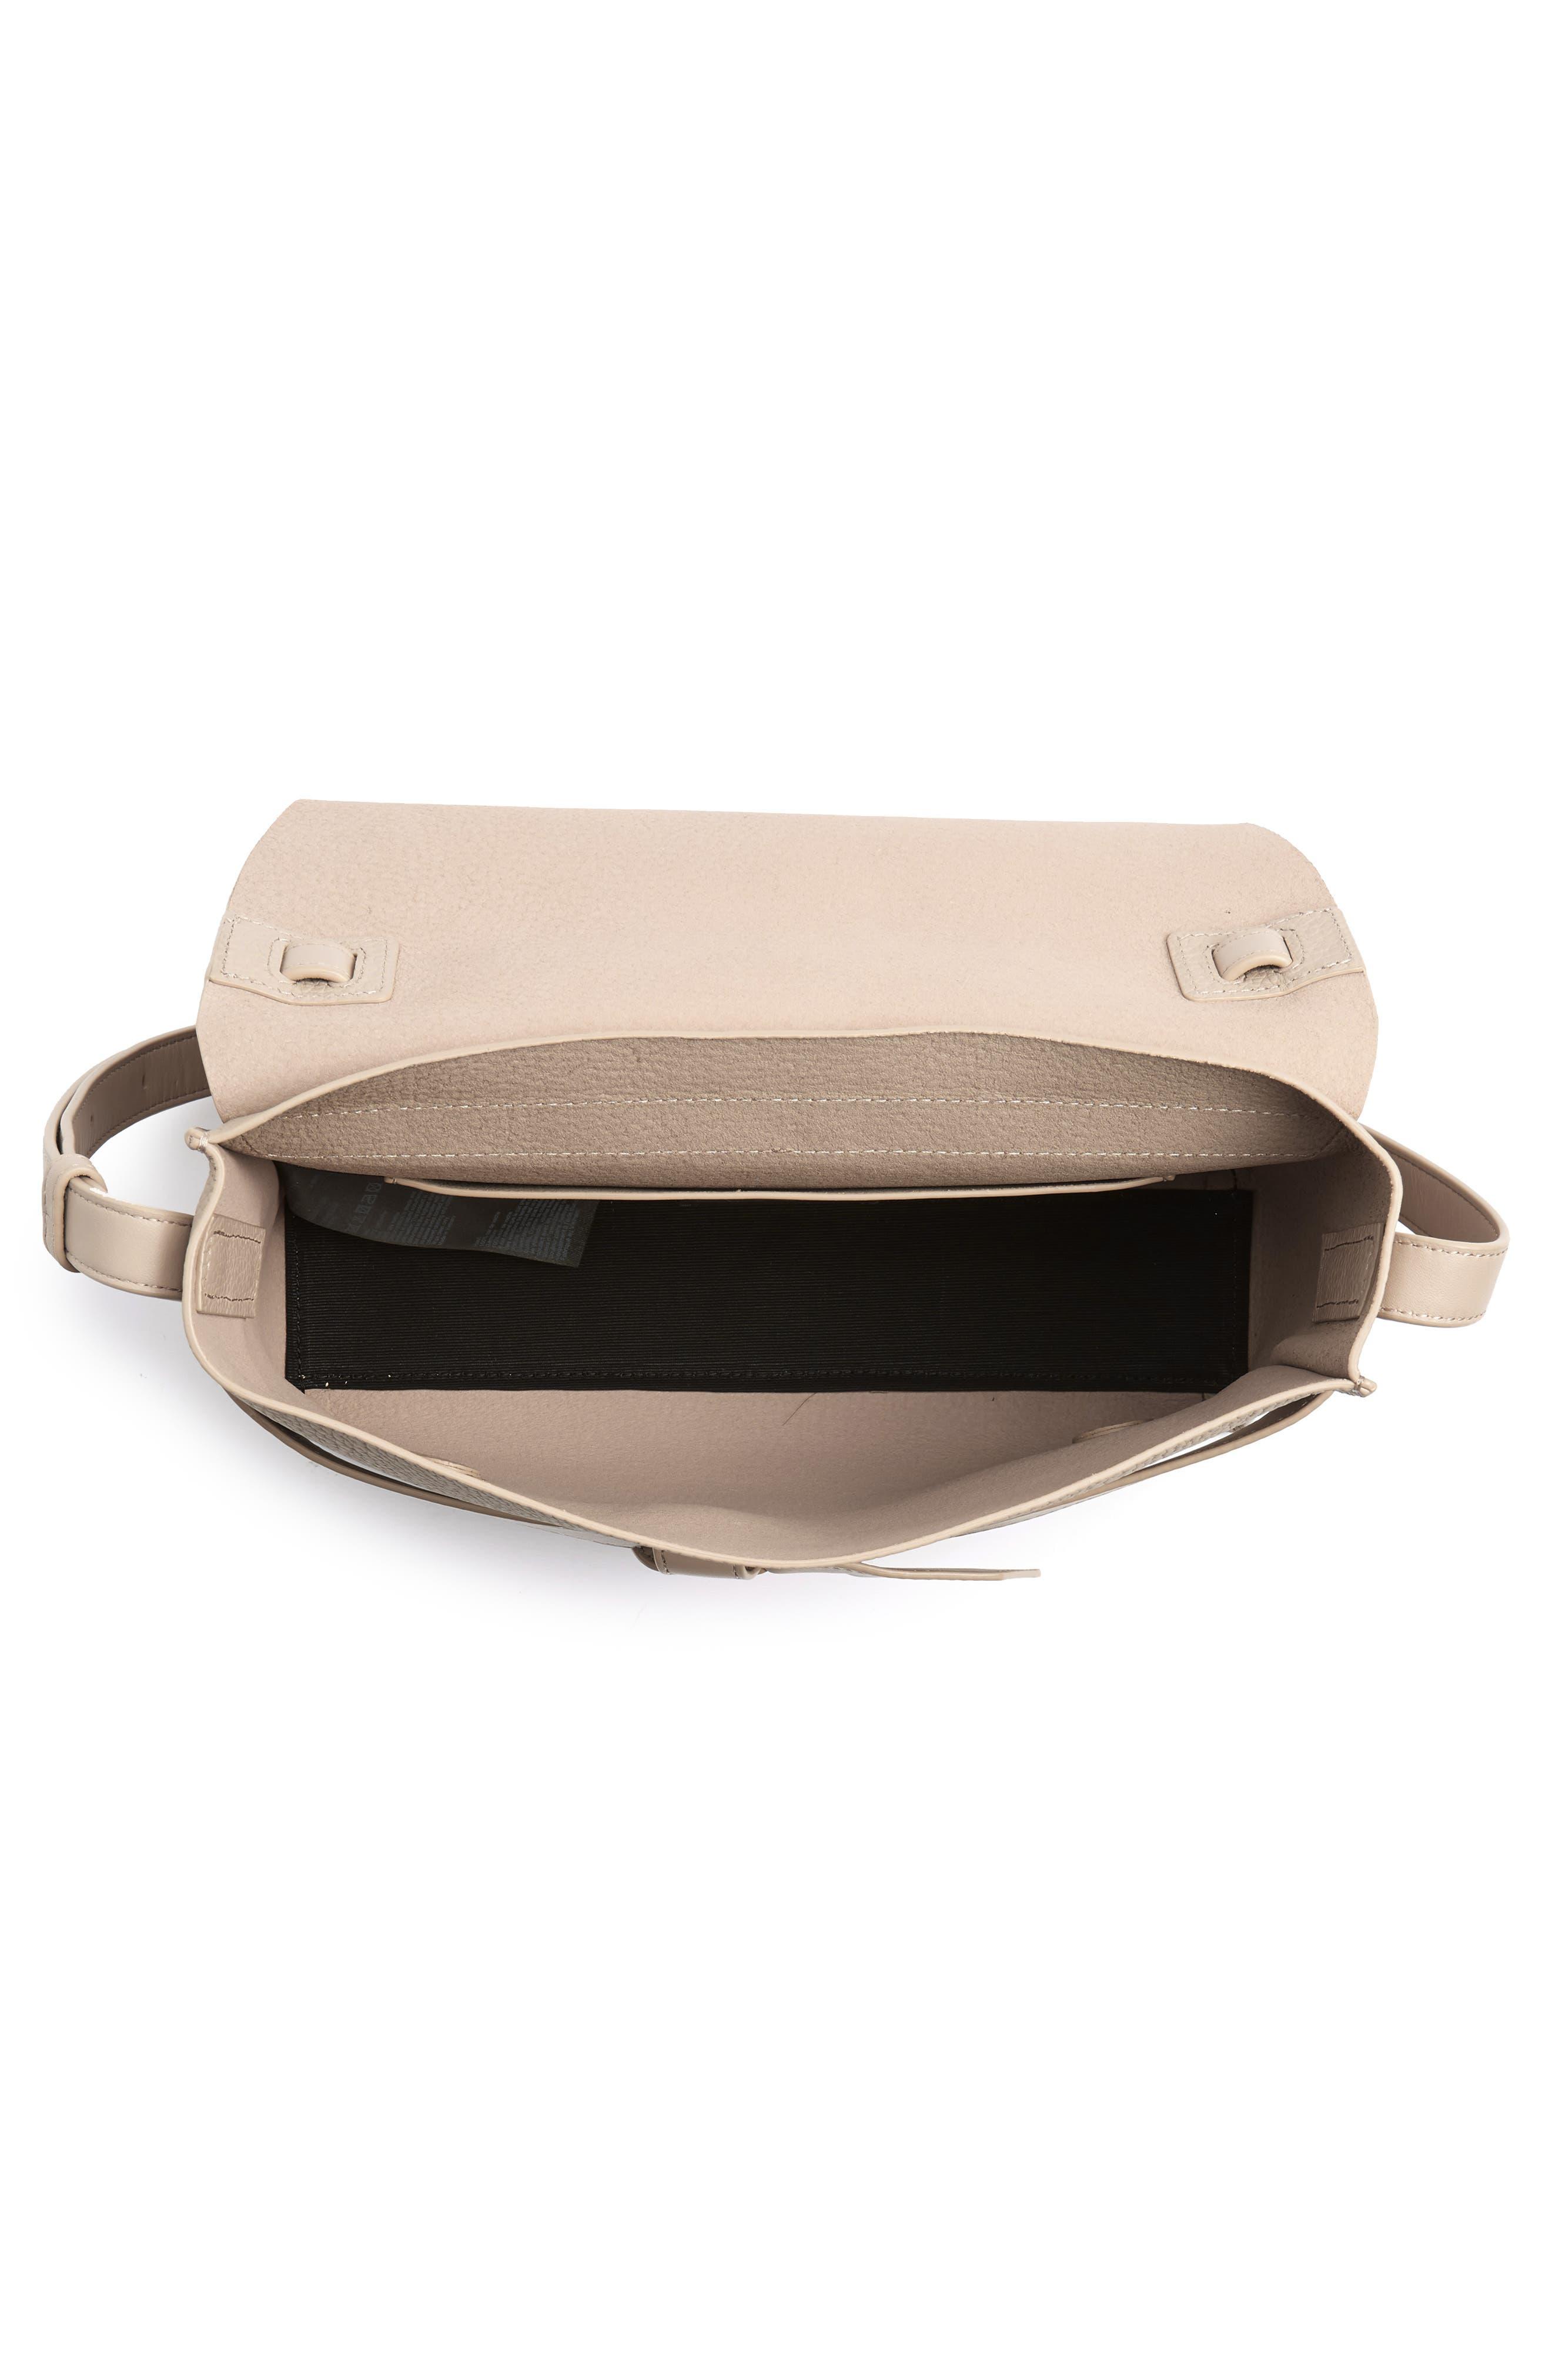 Cami Leather Shoulder Bag,                             Alternate thumbnail 4, color,                             NATURAL